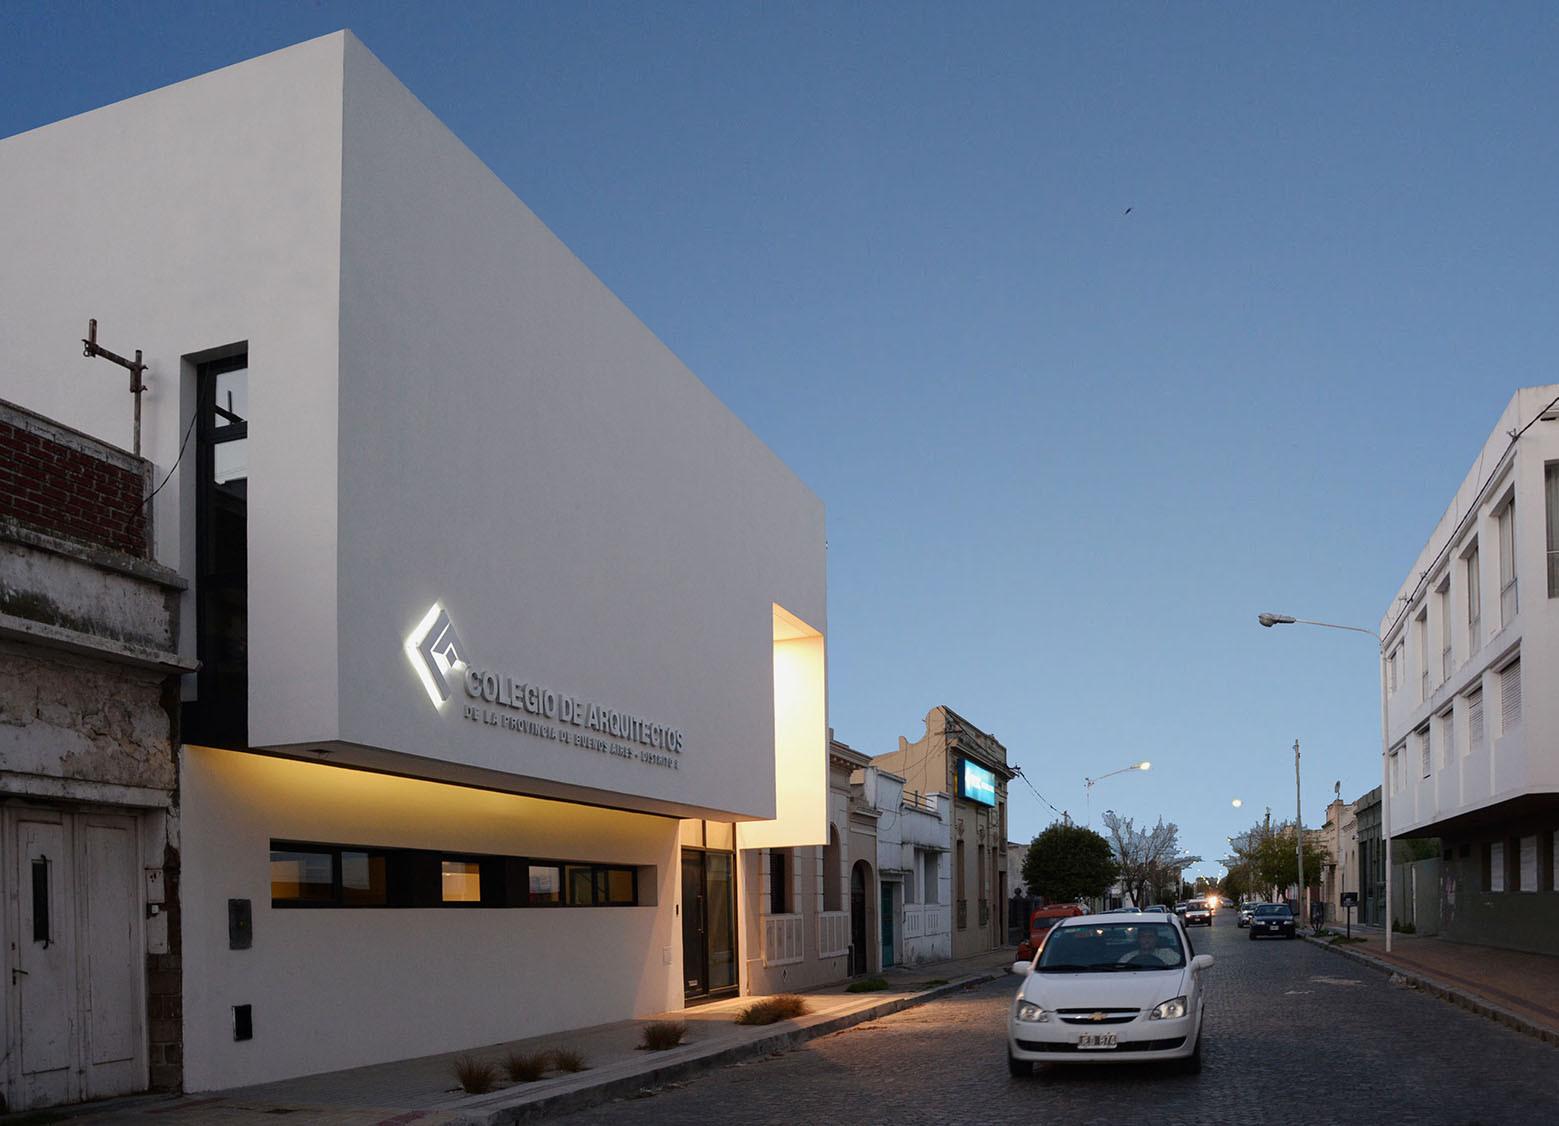 Colegio de arquitectos de la provincia de buenos aires - Colegio de arquitectos toledo ...